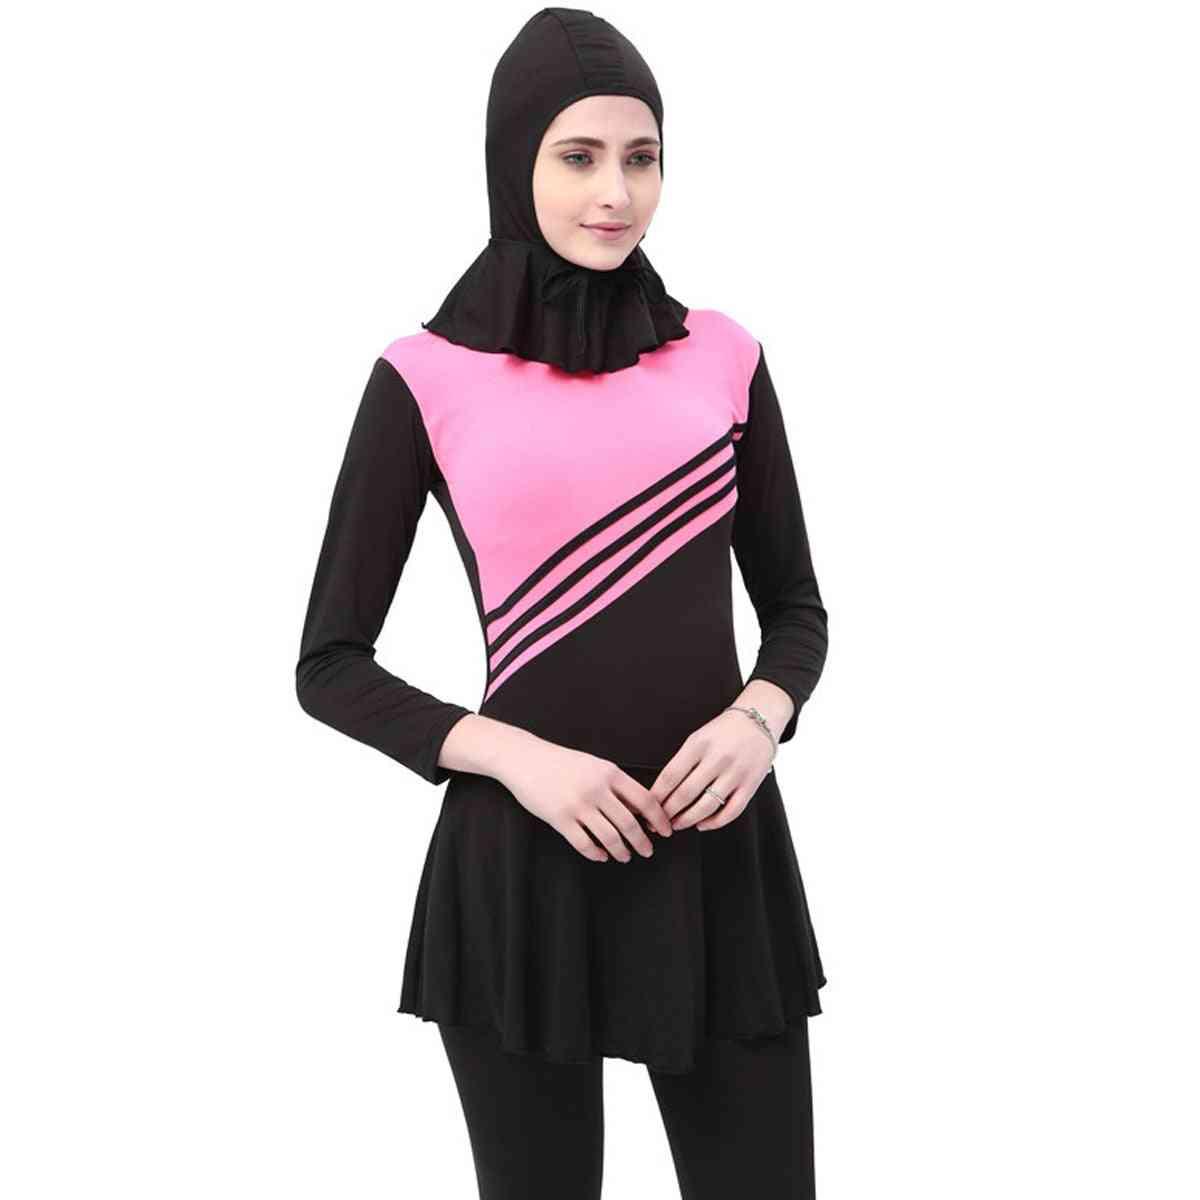 Women's Muslim Islamic Siamese Swimwear Beach Swimsuit Full Cover